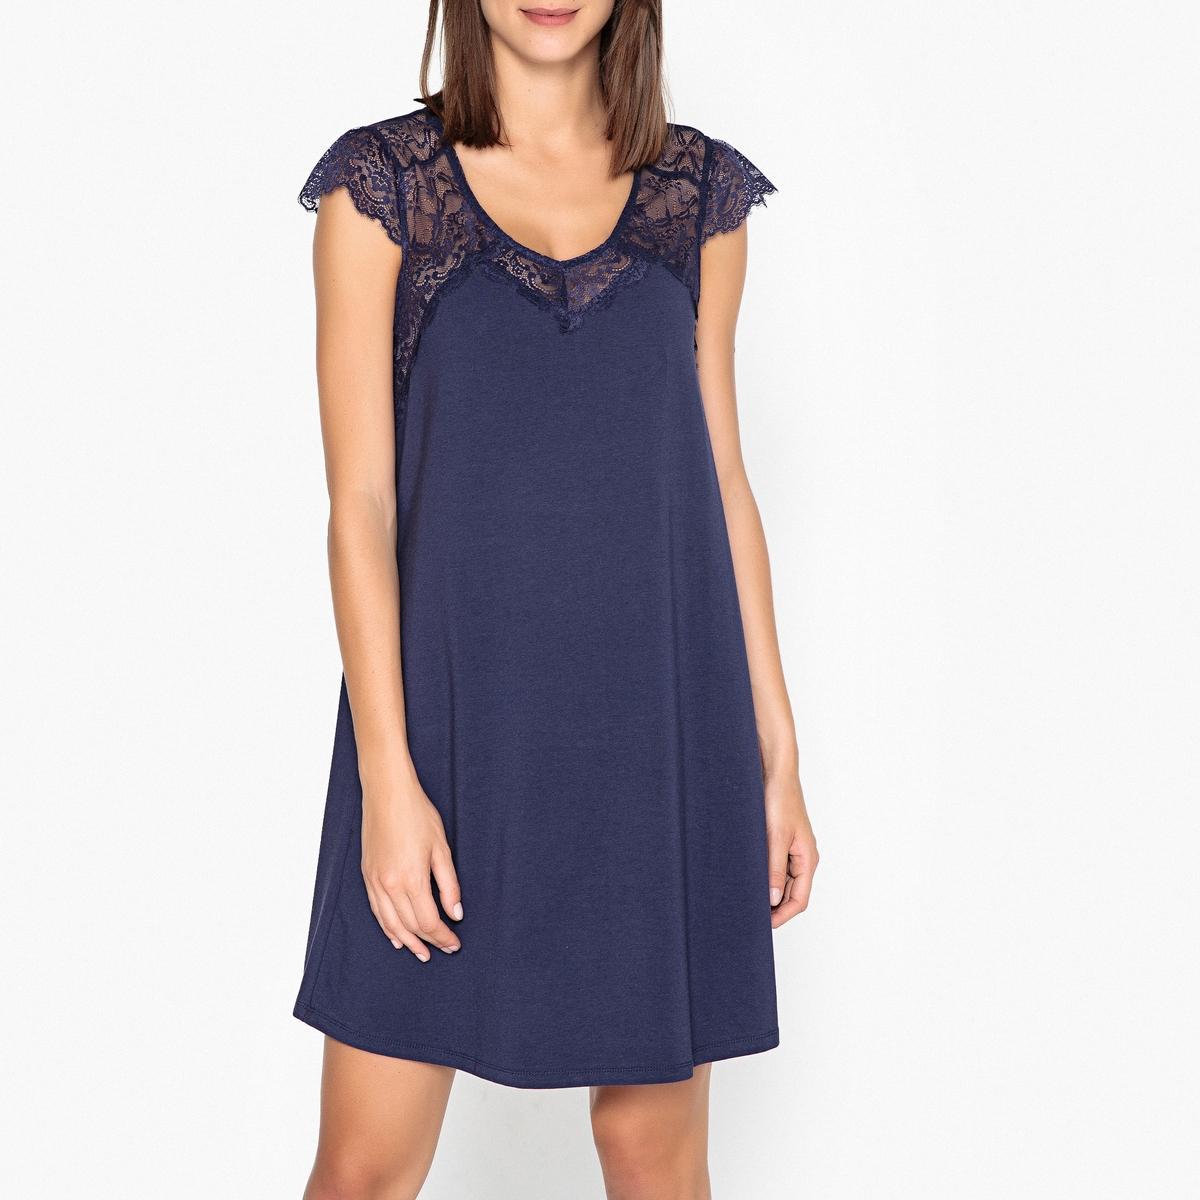 Nachthemd aus Spitze | Bekleidung > Nachtwäsche > Nachthemden | Blau | Elasthan | La Redoute Collections